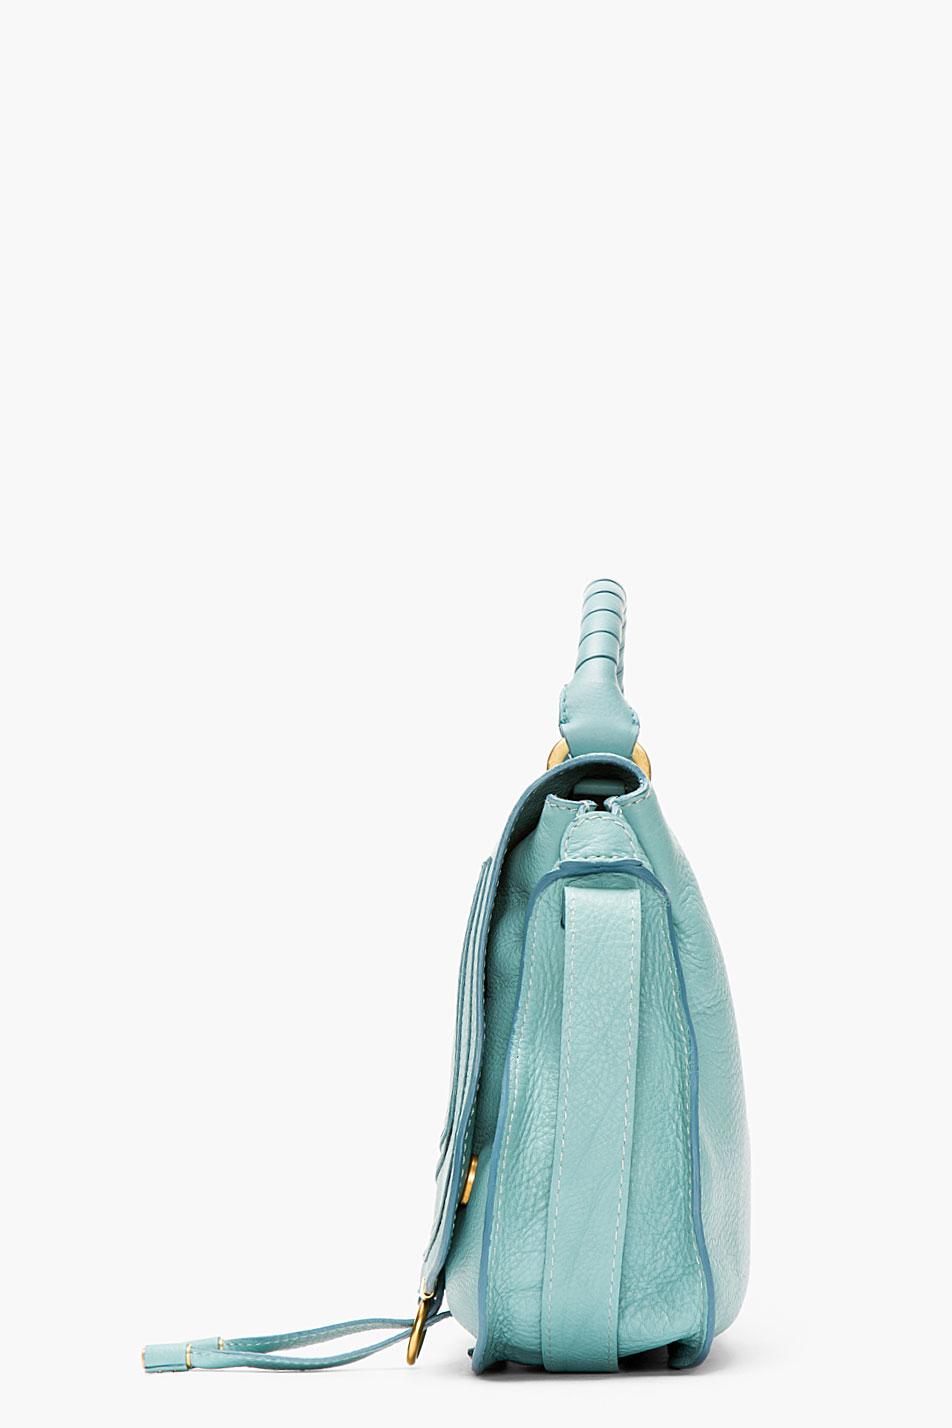 Chlo¨¦ Mint Green Leather Marcie Medium Handbag in Blue (mint) | Lyst